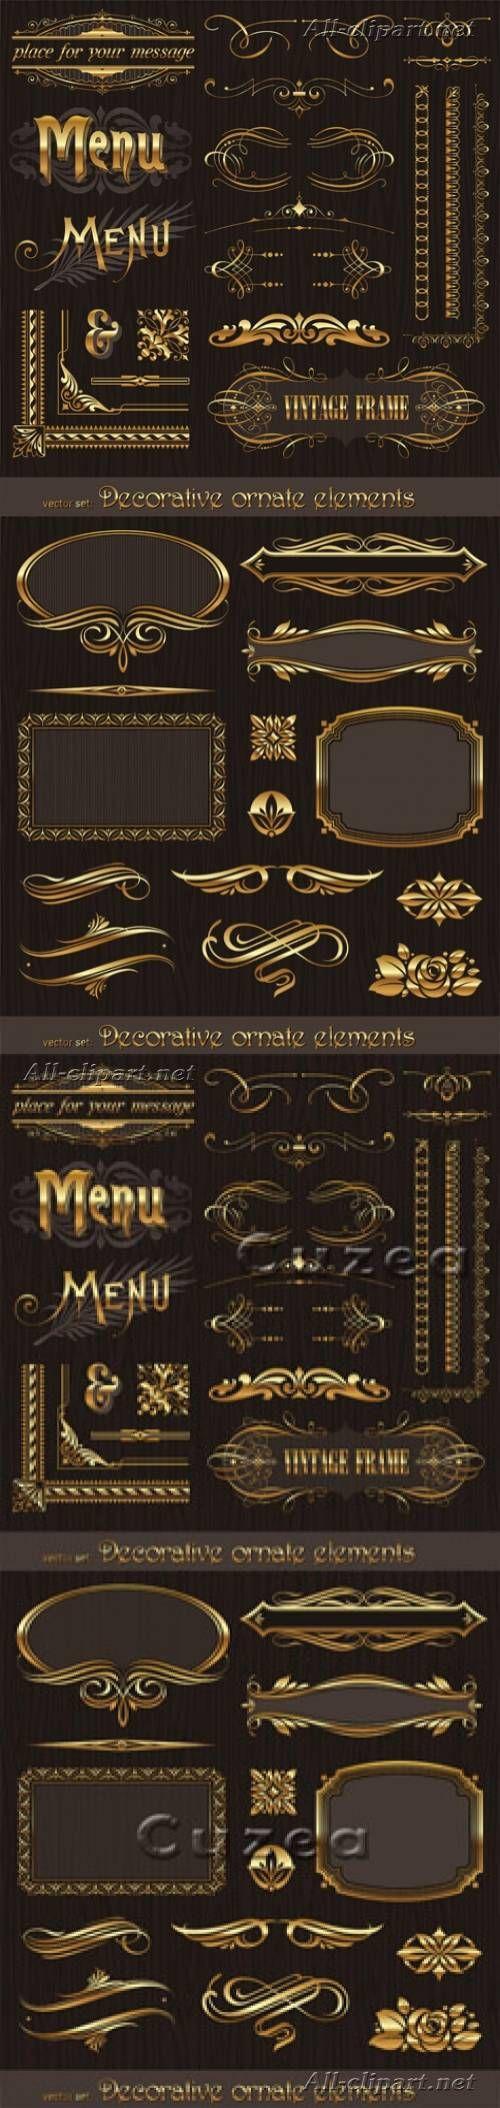 Золотые декоративные элементы и рамки в векторе | Golden decor vector